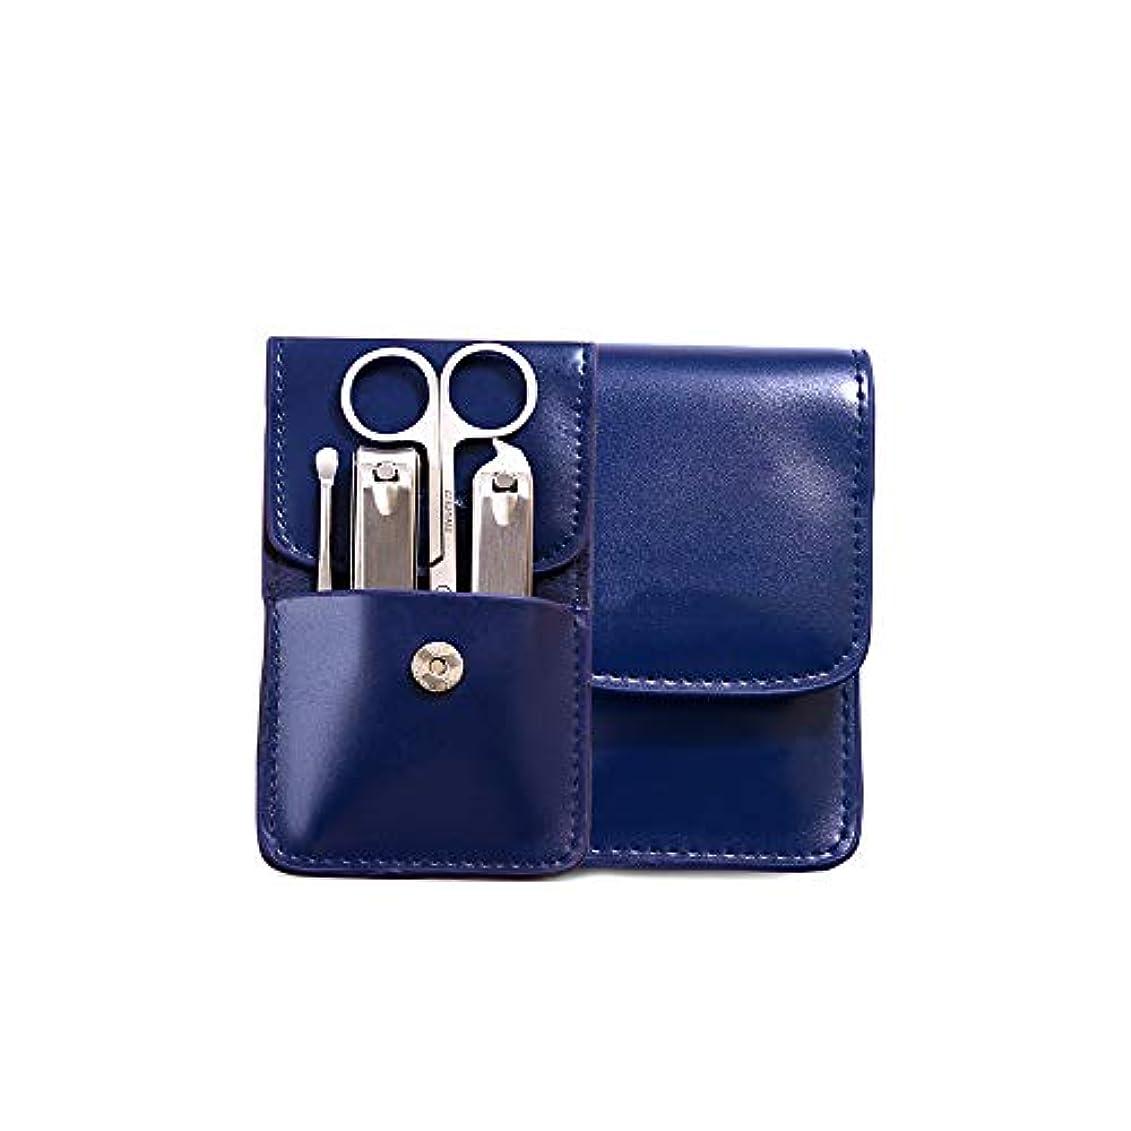 松の木華氏力学ネイルクリッパーセット美容ネイルツールセット高級PUレザーケース付き、ブルー、4点セット